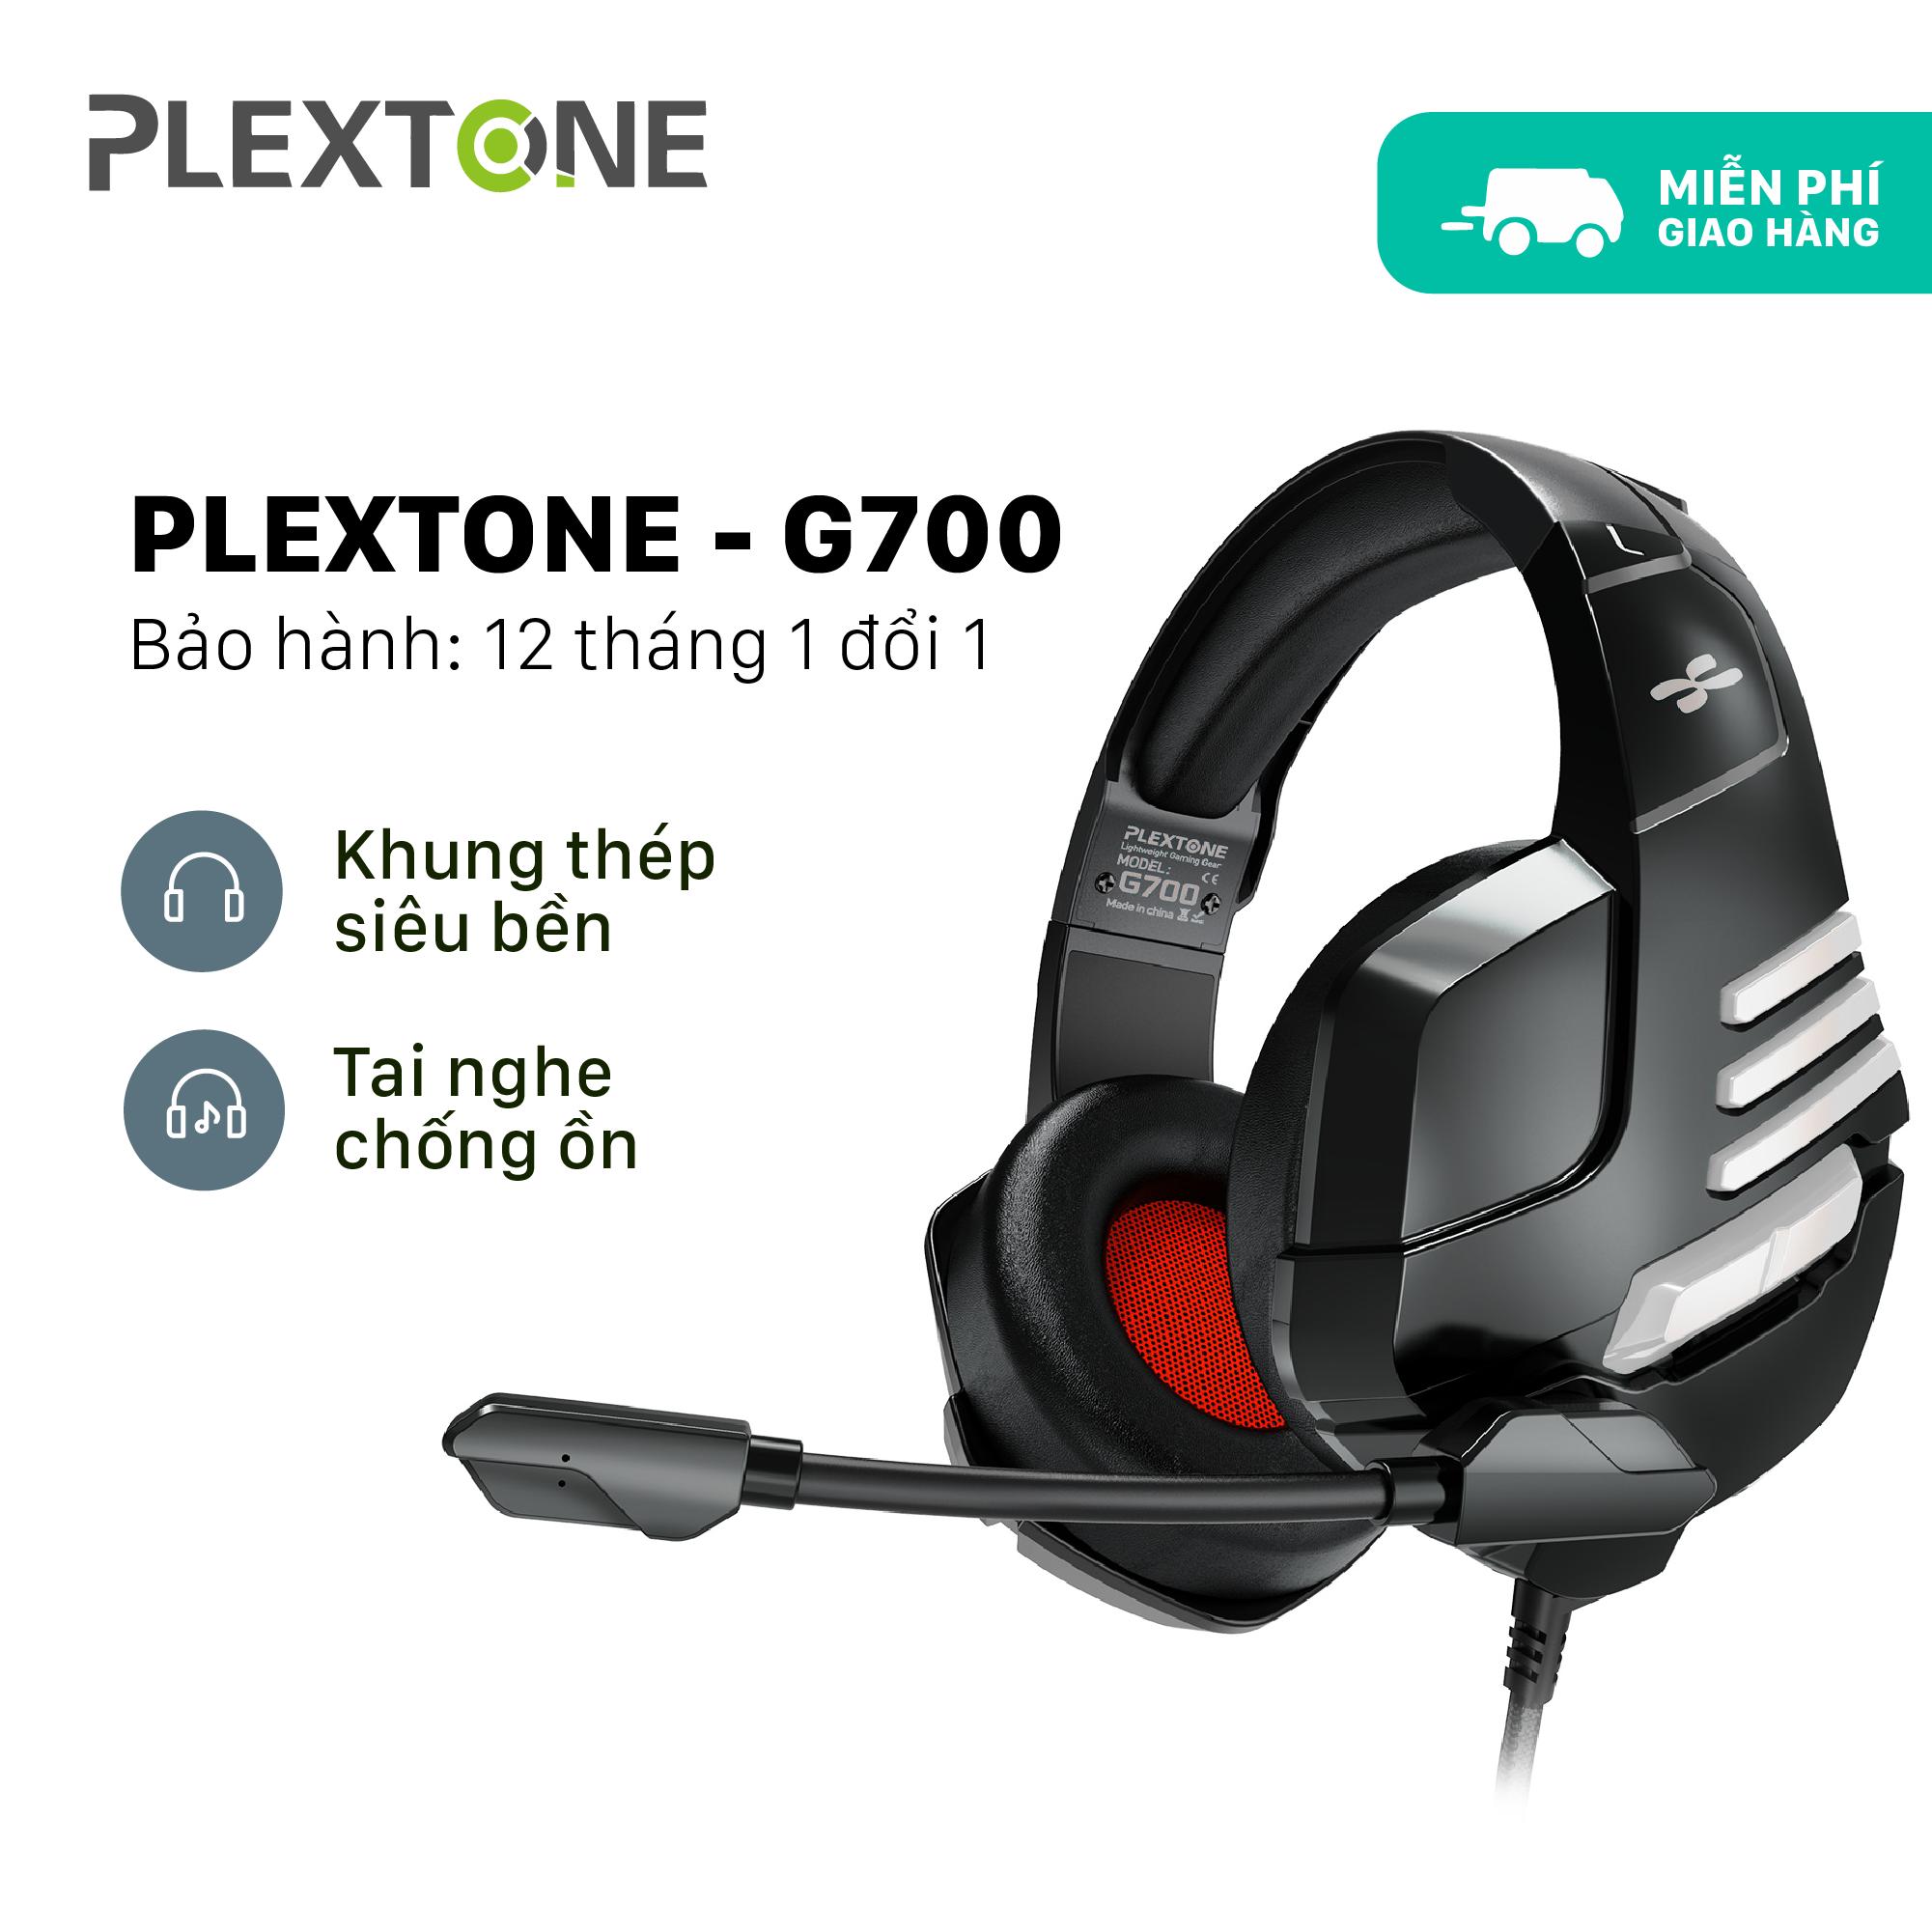 Tai nghe máy tính có mic Plextone PC780, tai nghe PC Gaming thiết kế chụp tai có dây bọc dù chống rối dài 2.2m dành cho Game thủ tương thích với Mobile và Laptop nghe nhạc hay, chơi Game tốt giá rẻ.